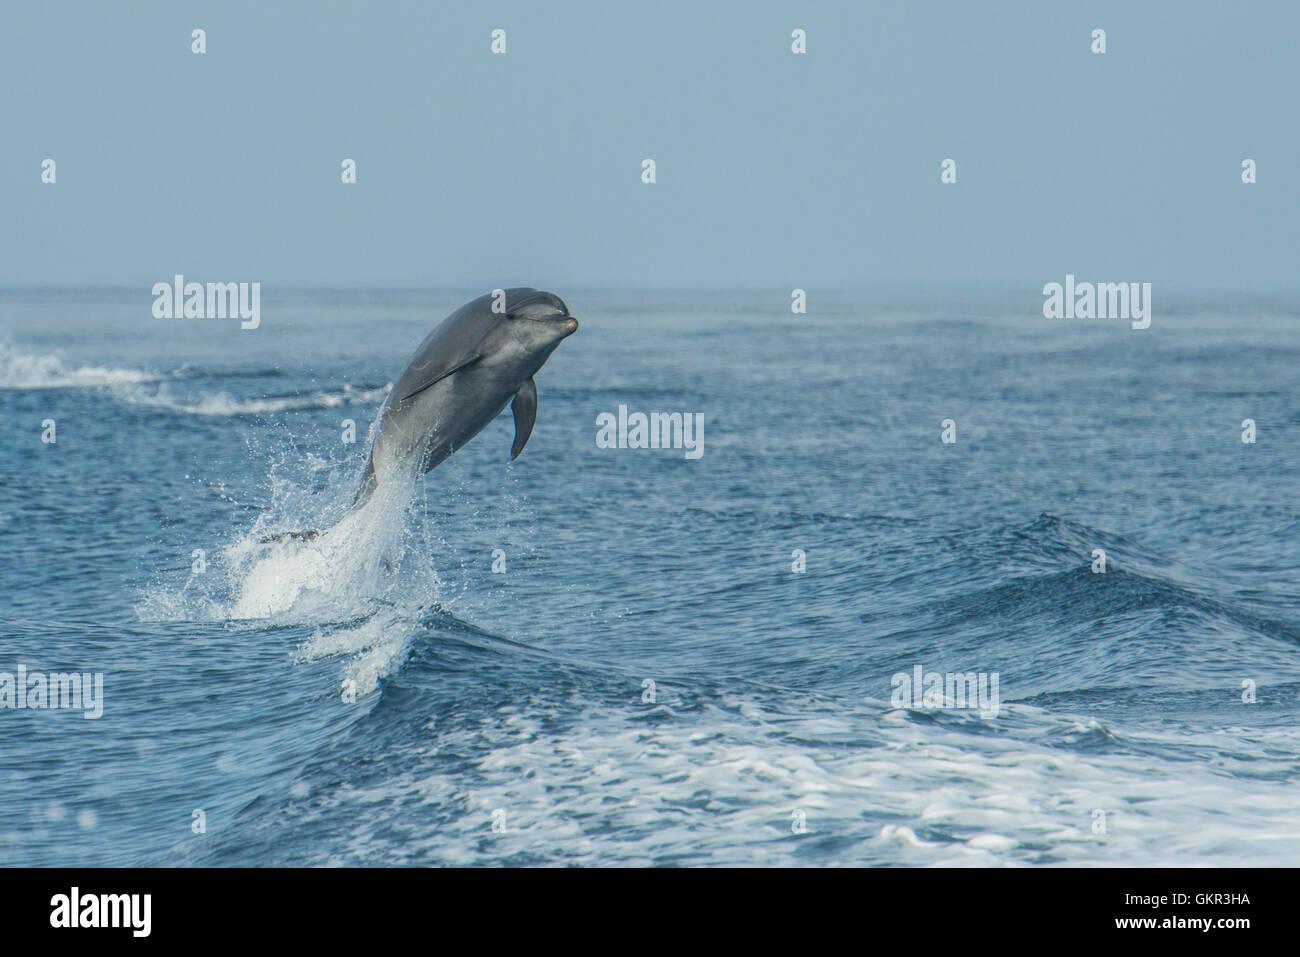 Common bottlenose dolphin (Tursiops truncatus) - Stock Image